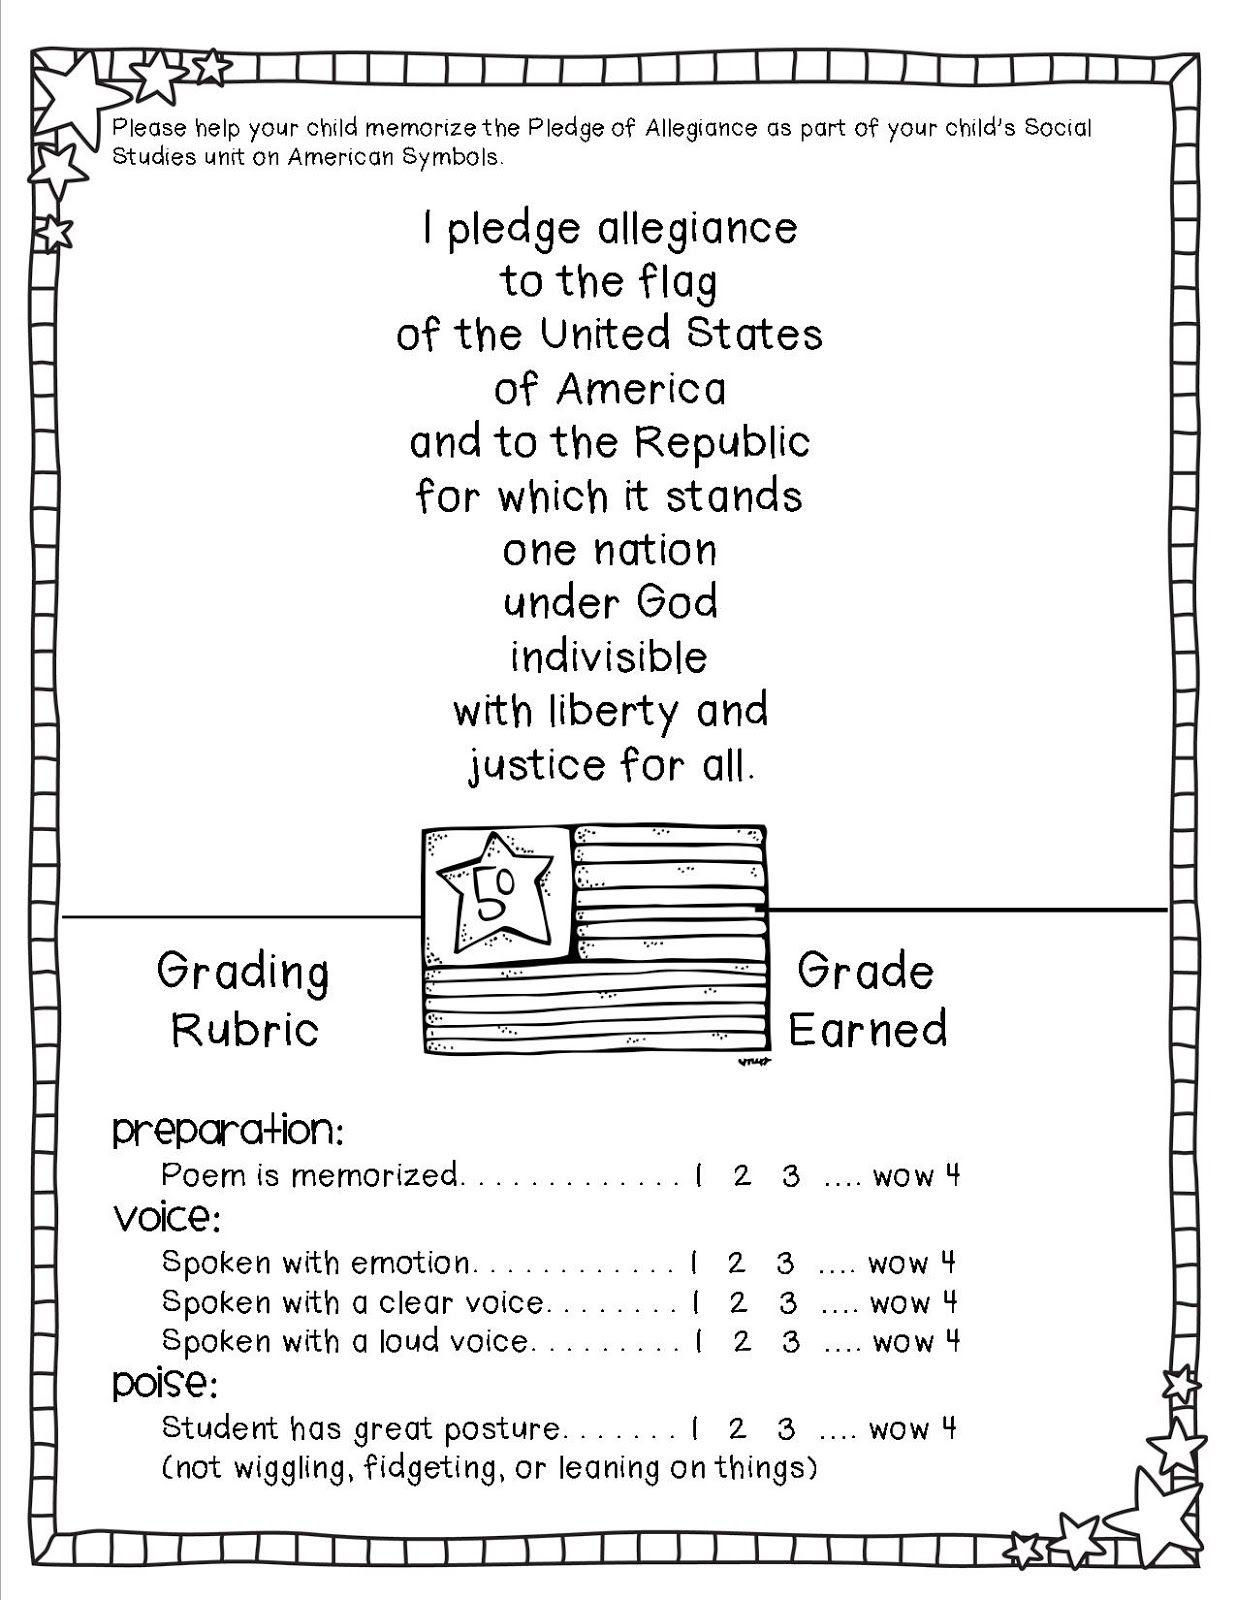 2 Bp Blogspot Com Arb5flincui Uirg5ubojli Aaaaaaaaapw H X1oebfzxw S1600 American Symbols Pledge American Symbols American Symbols Unit How To Memorize Things